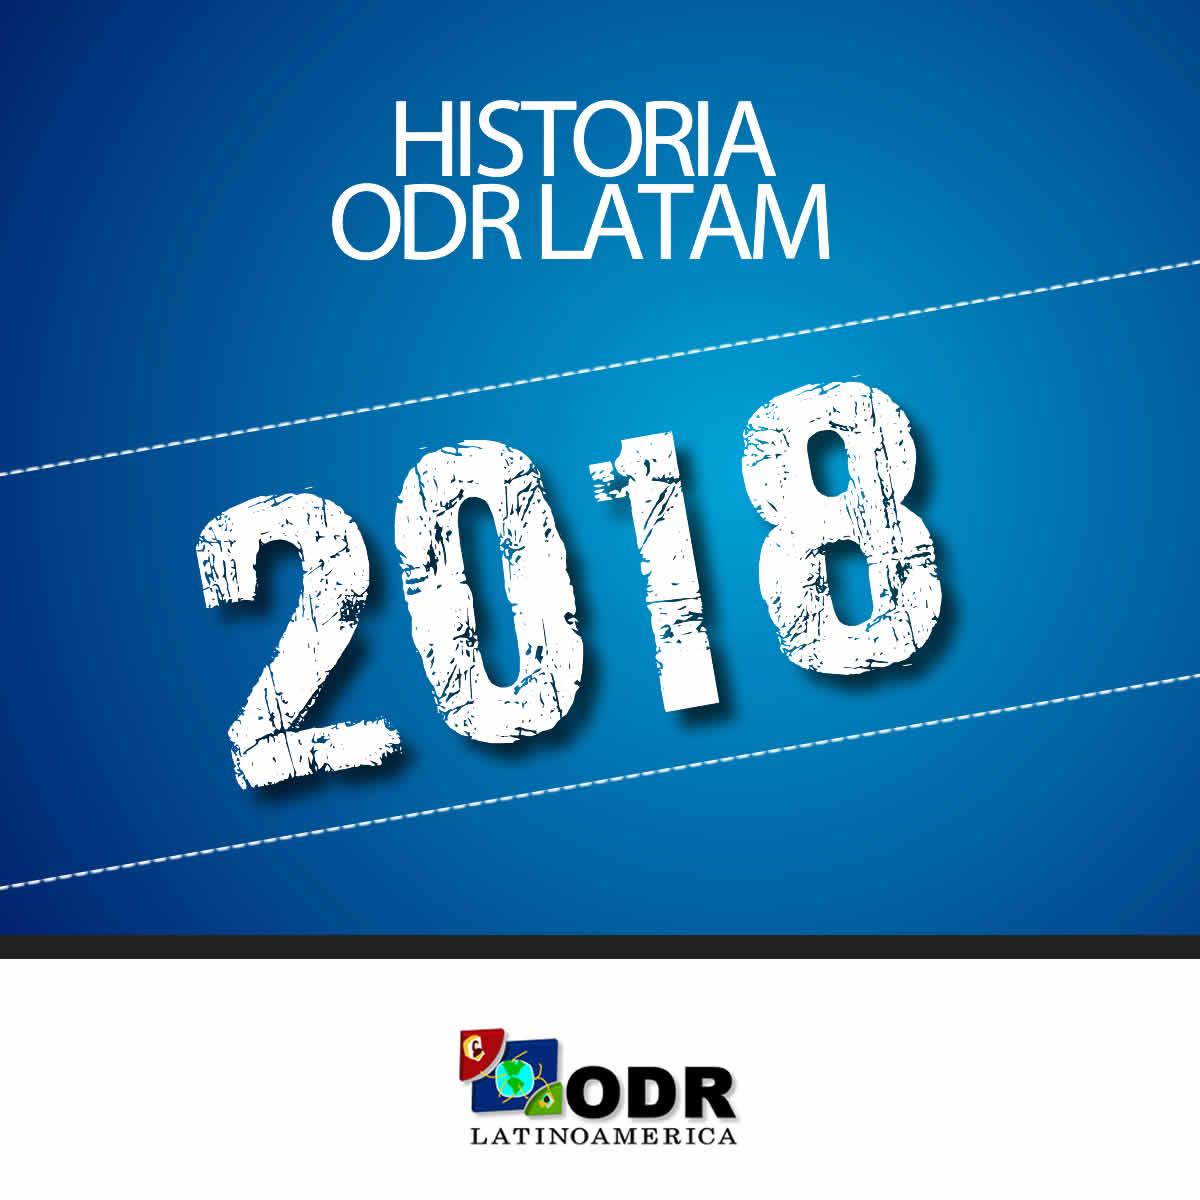 Historia ODR LATAM 2018